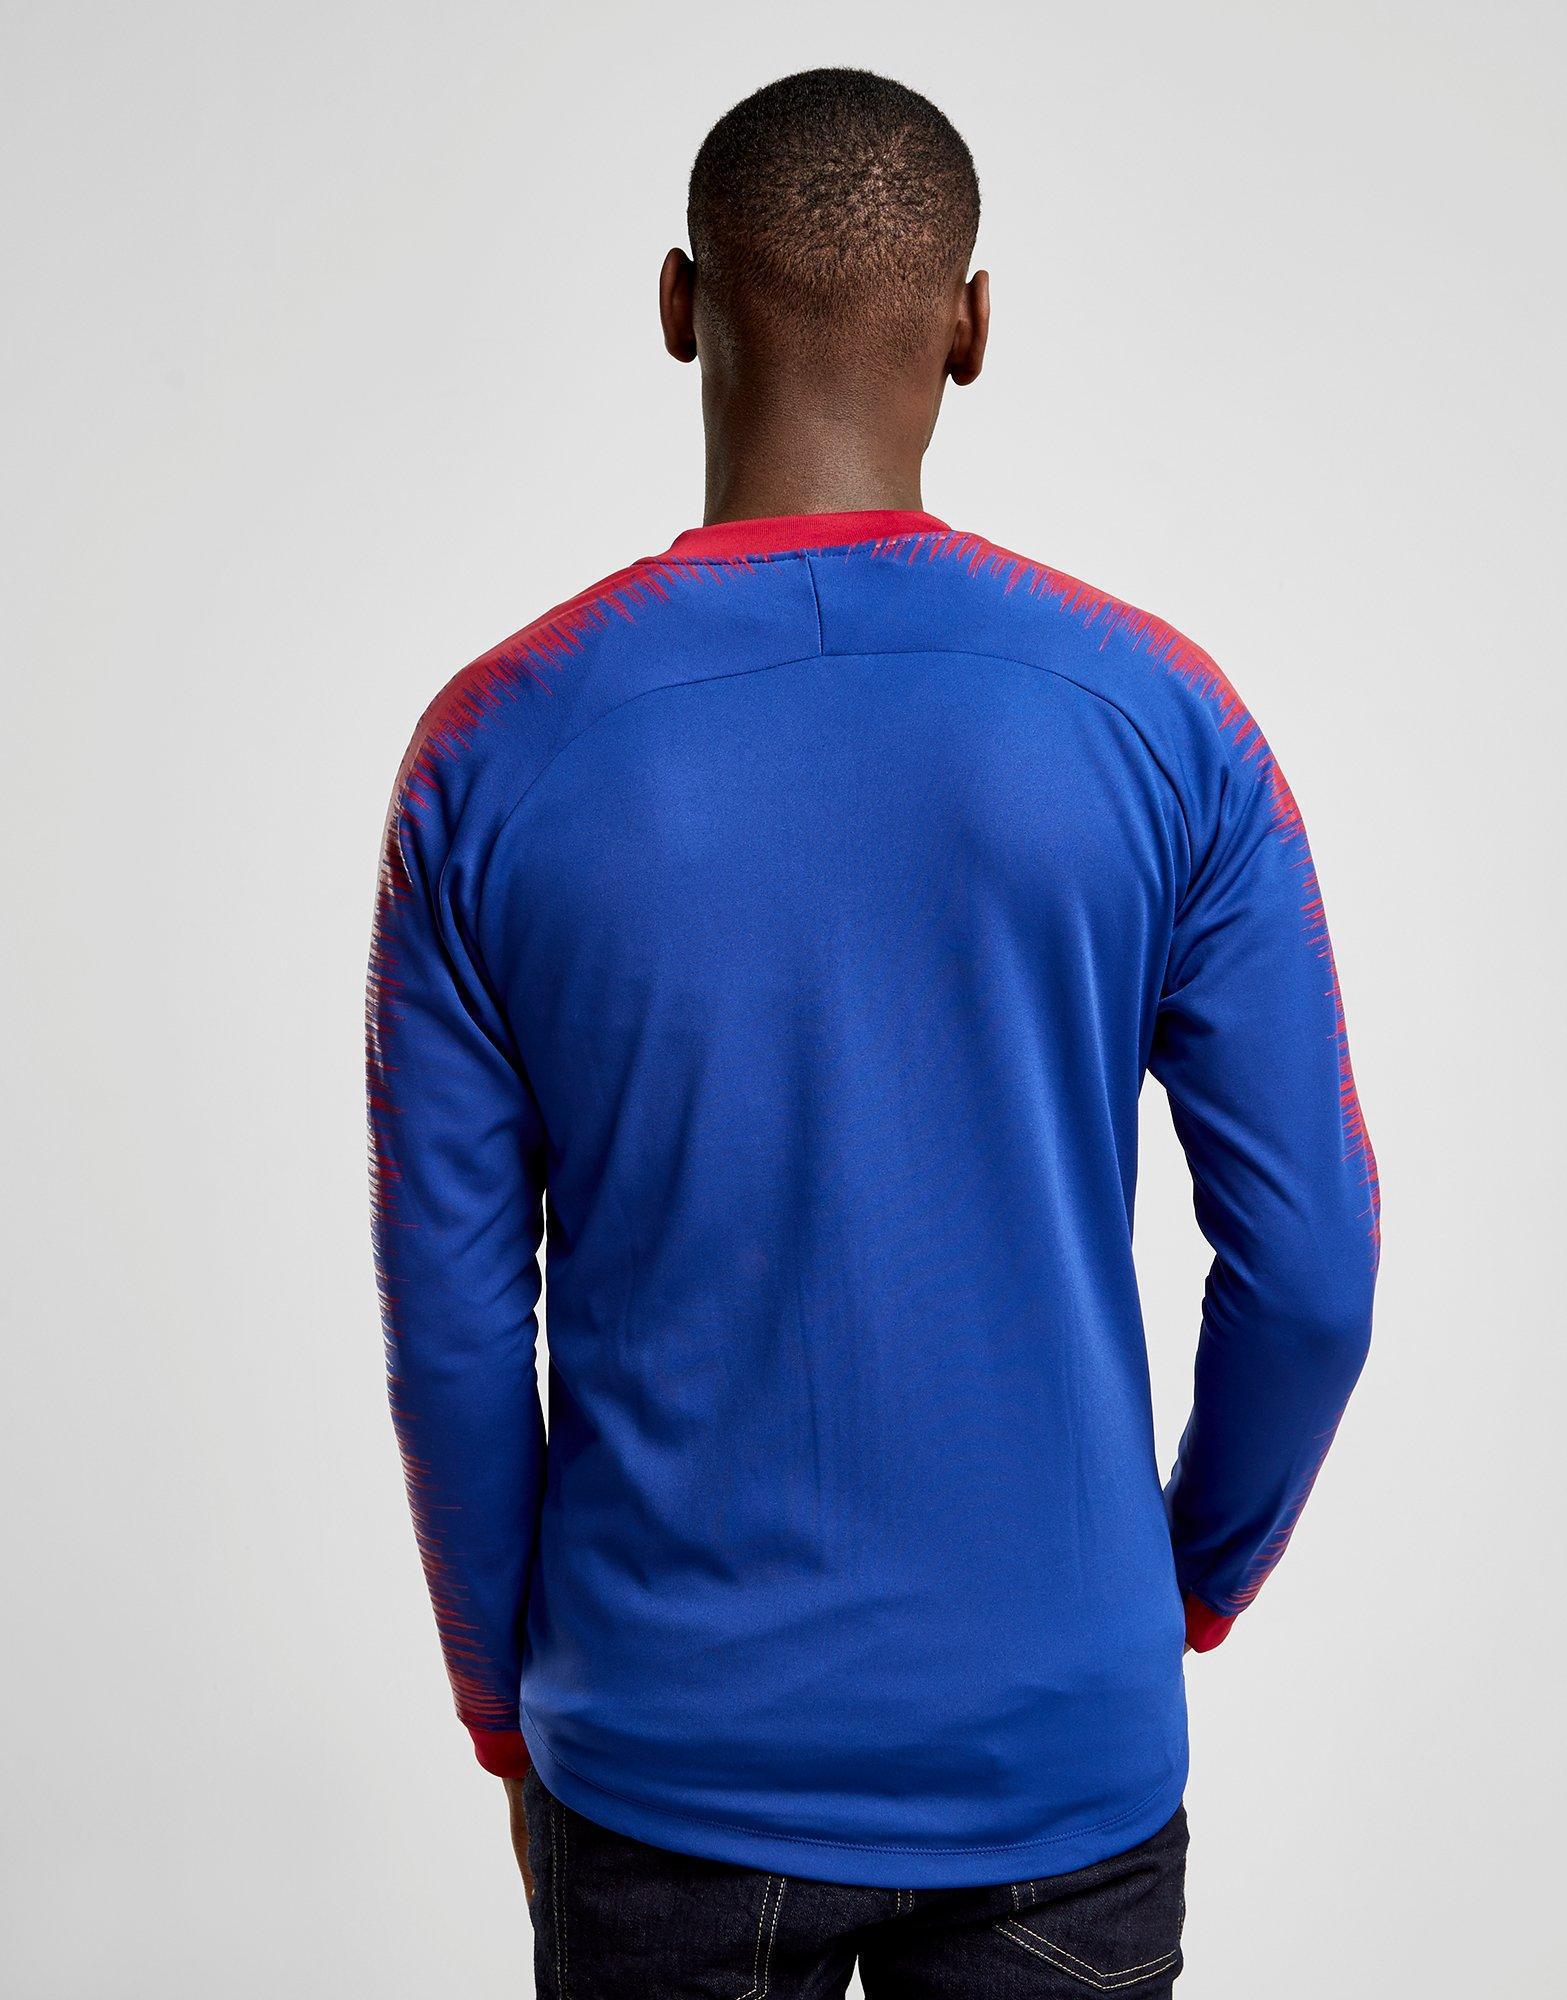 Lyst - Nike Fc Barcelona Anthem Jacket in Blue for Men 4f9129458